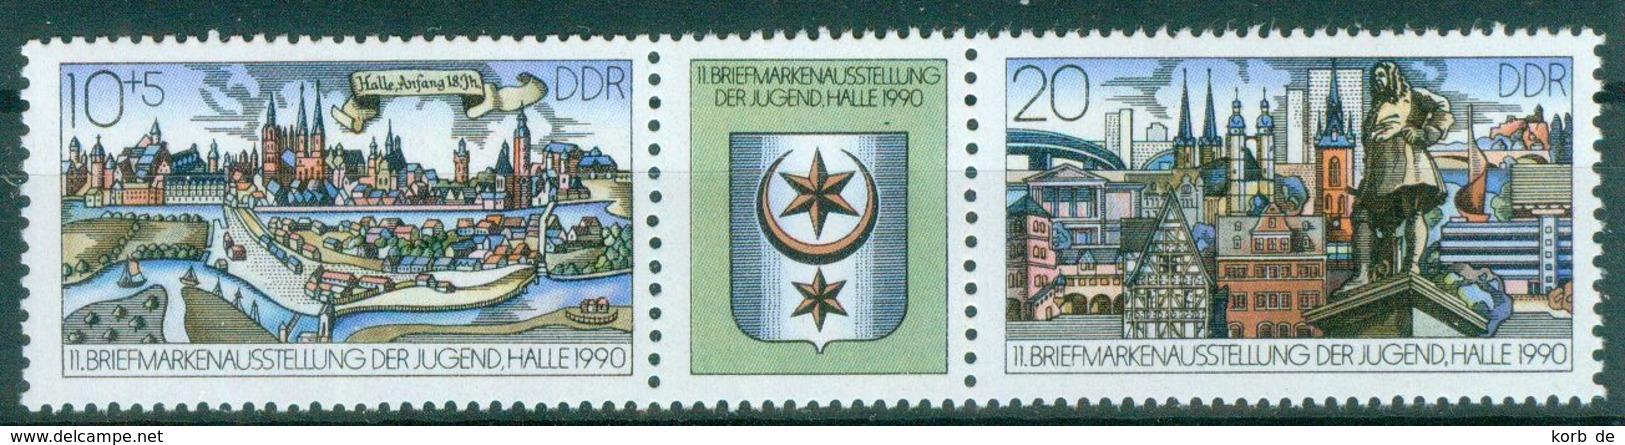 DDR 1990 / MiNr.    3338 - 3339  Dreierstreifen    ** / MNH   (r1723) - [6] République Démocratique